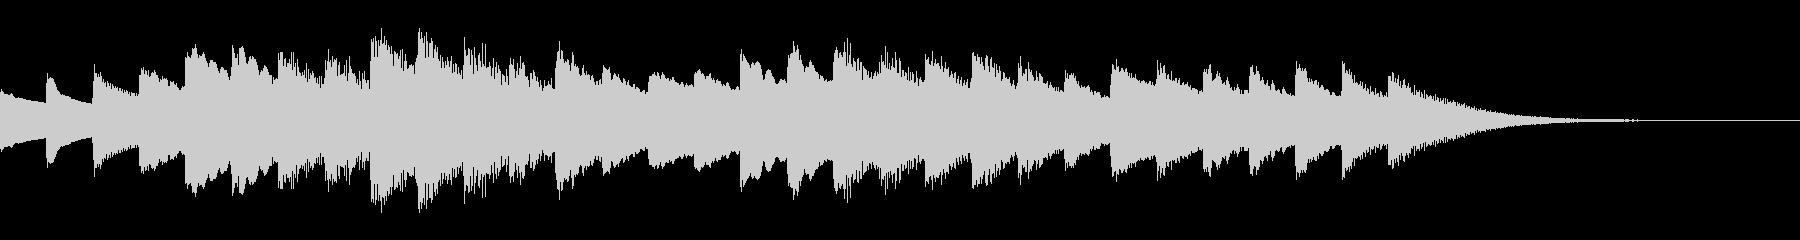 お風呂が沸いたときの音楽(チェレスタ)の未再生の波形